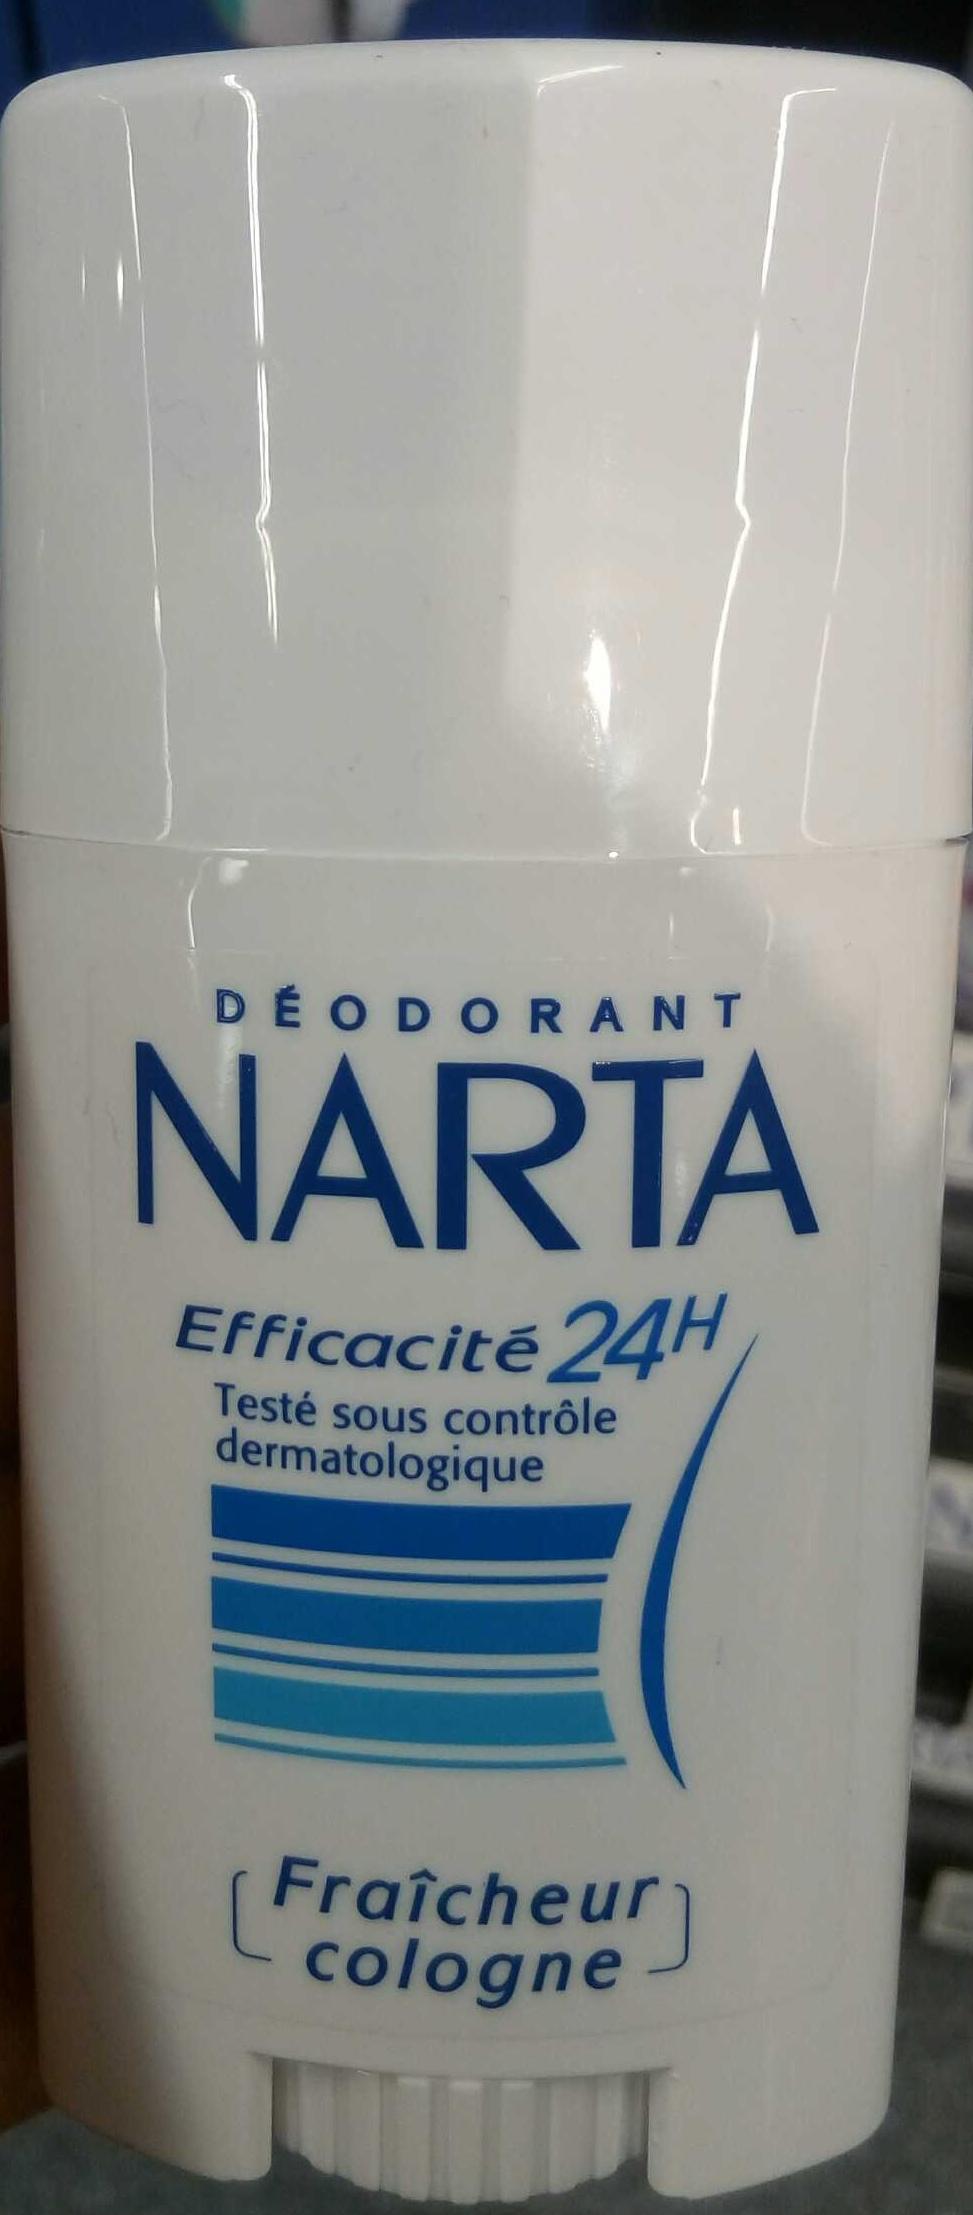 Déodorant Efficacité 24h Fraîcheur Cologne - Product - fr